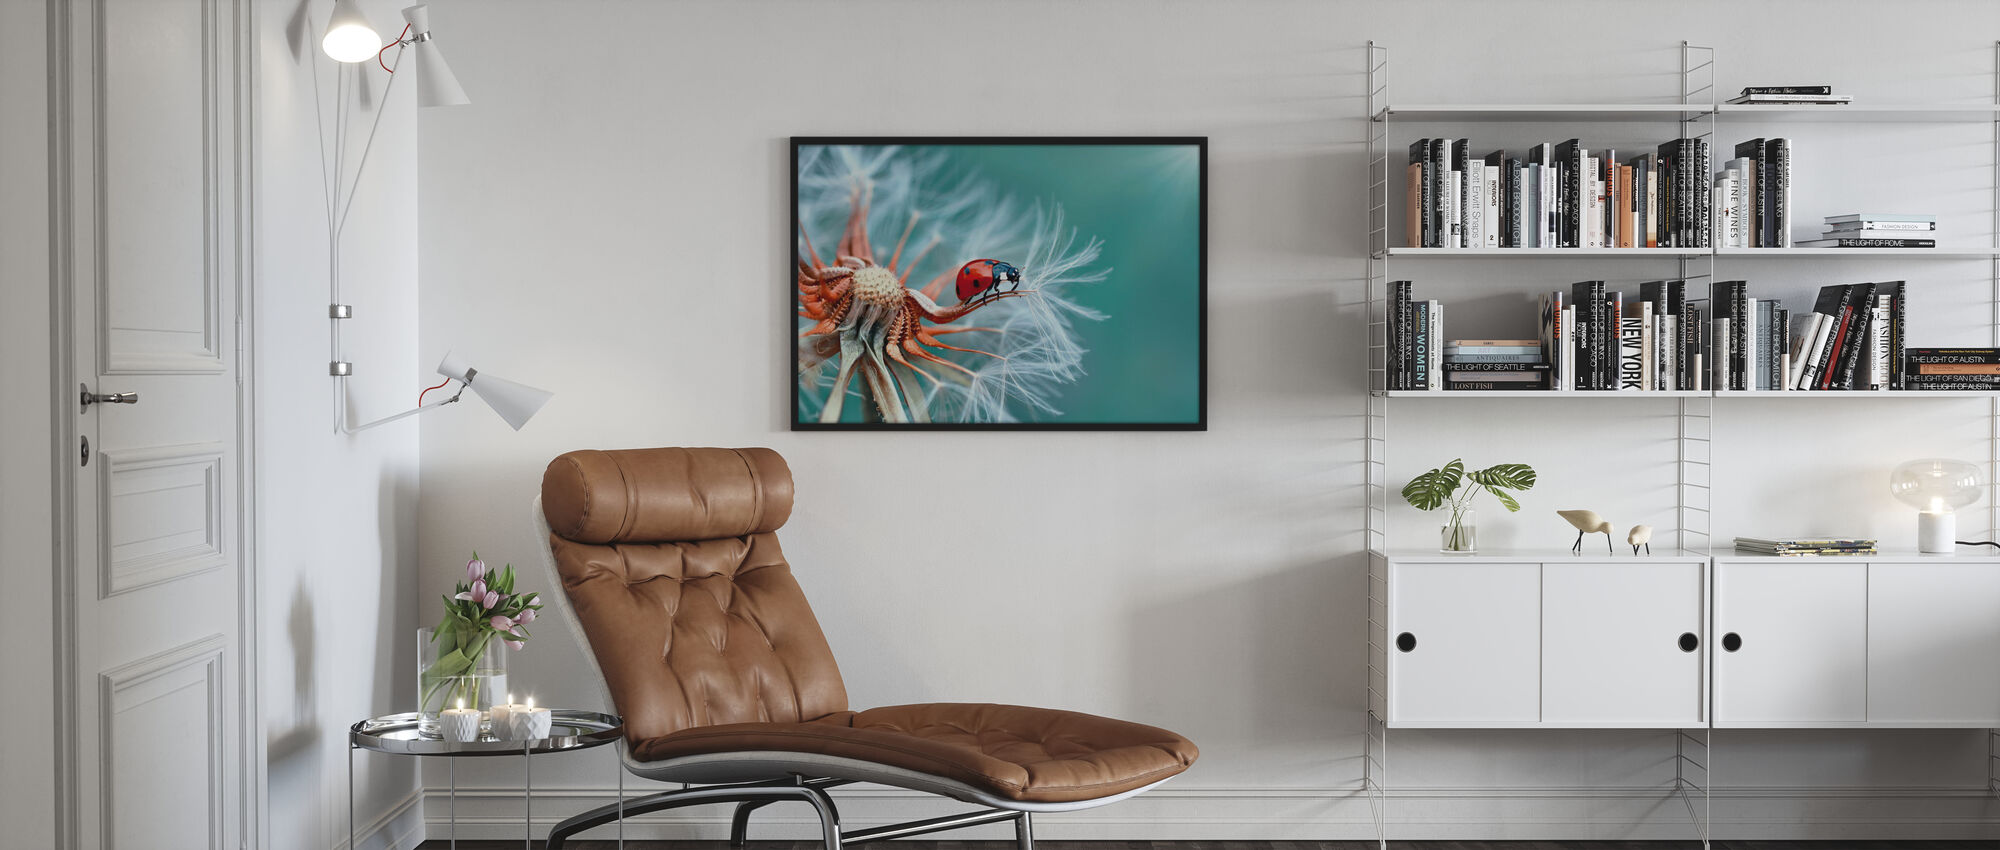 Freilauf - Poster - Wohnzimmer